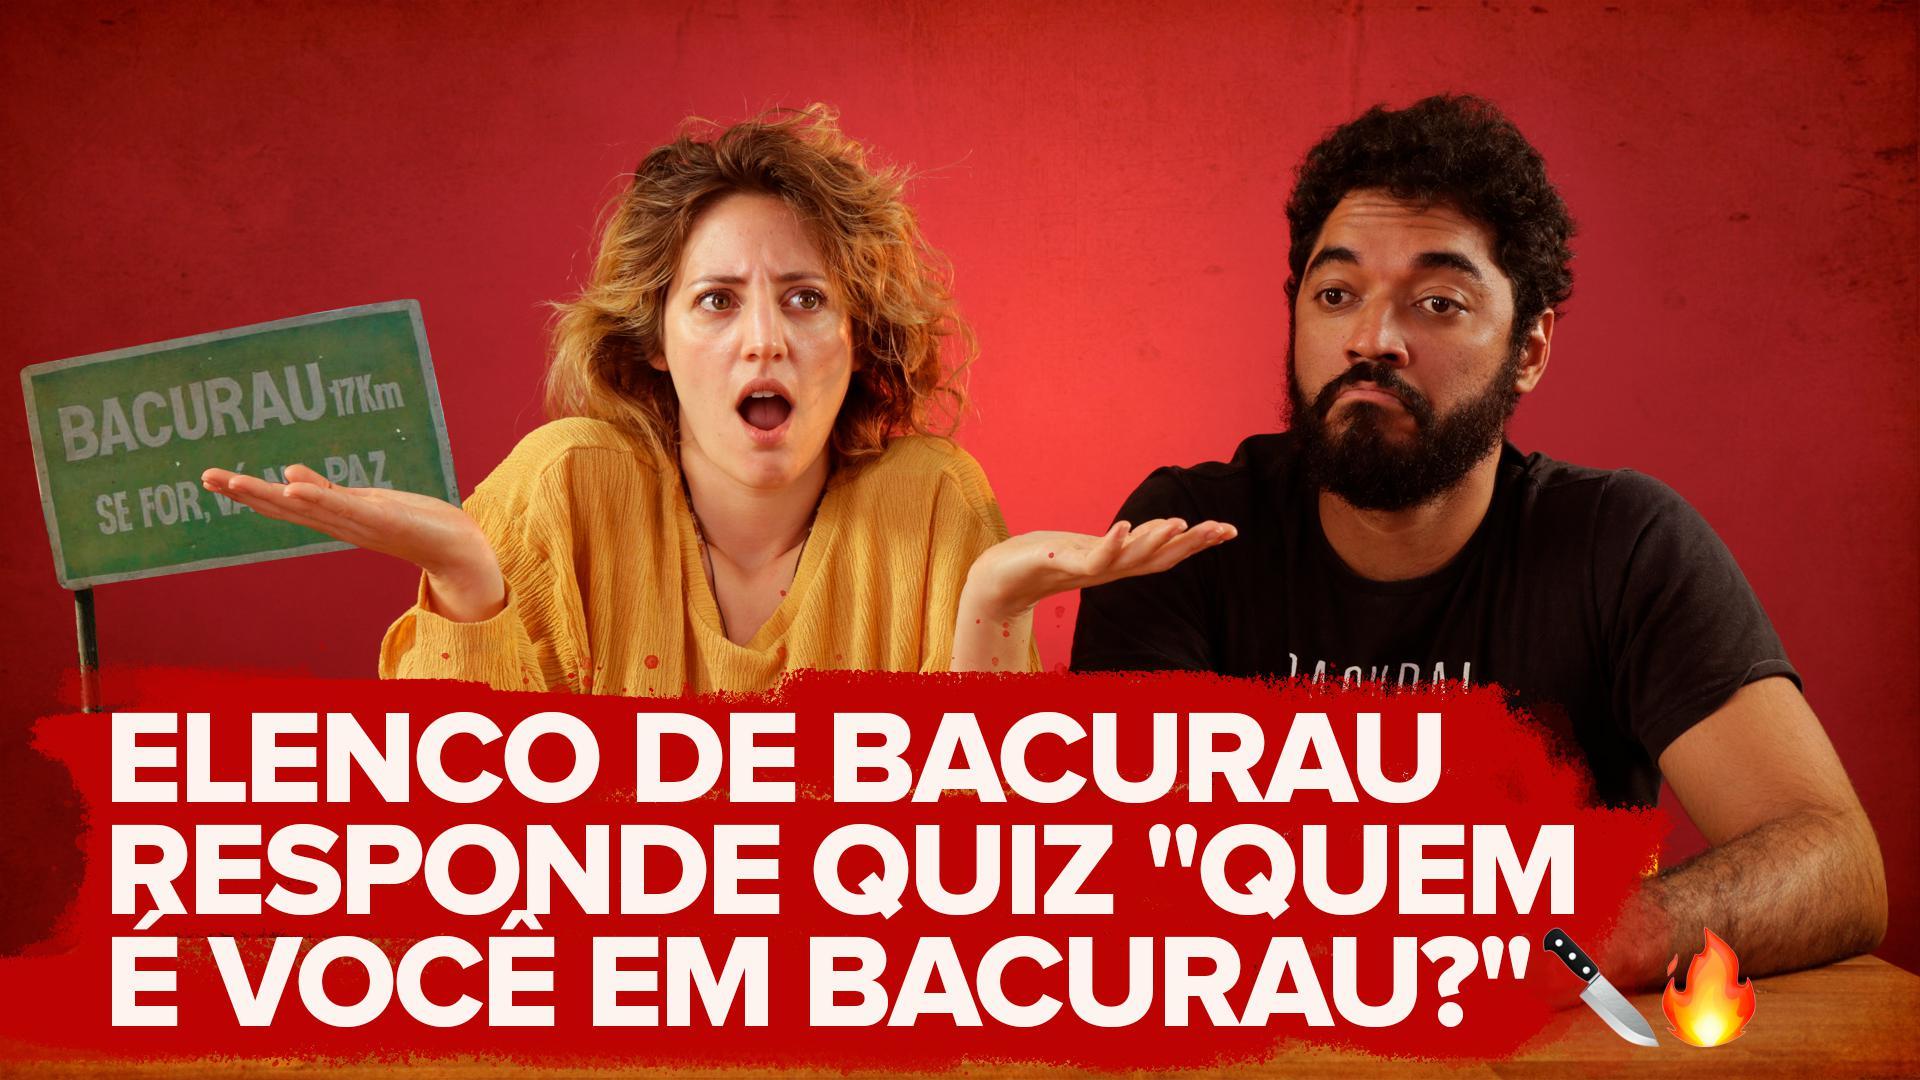 """Watch: BuzzFeed Video - Elenco de Bacurau responde quiz """"Quem é você em Bacurau?"""""""